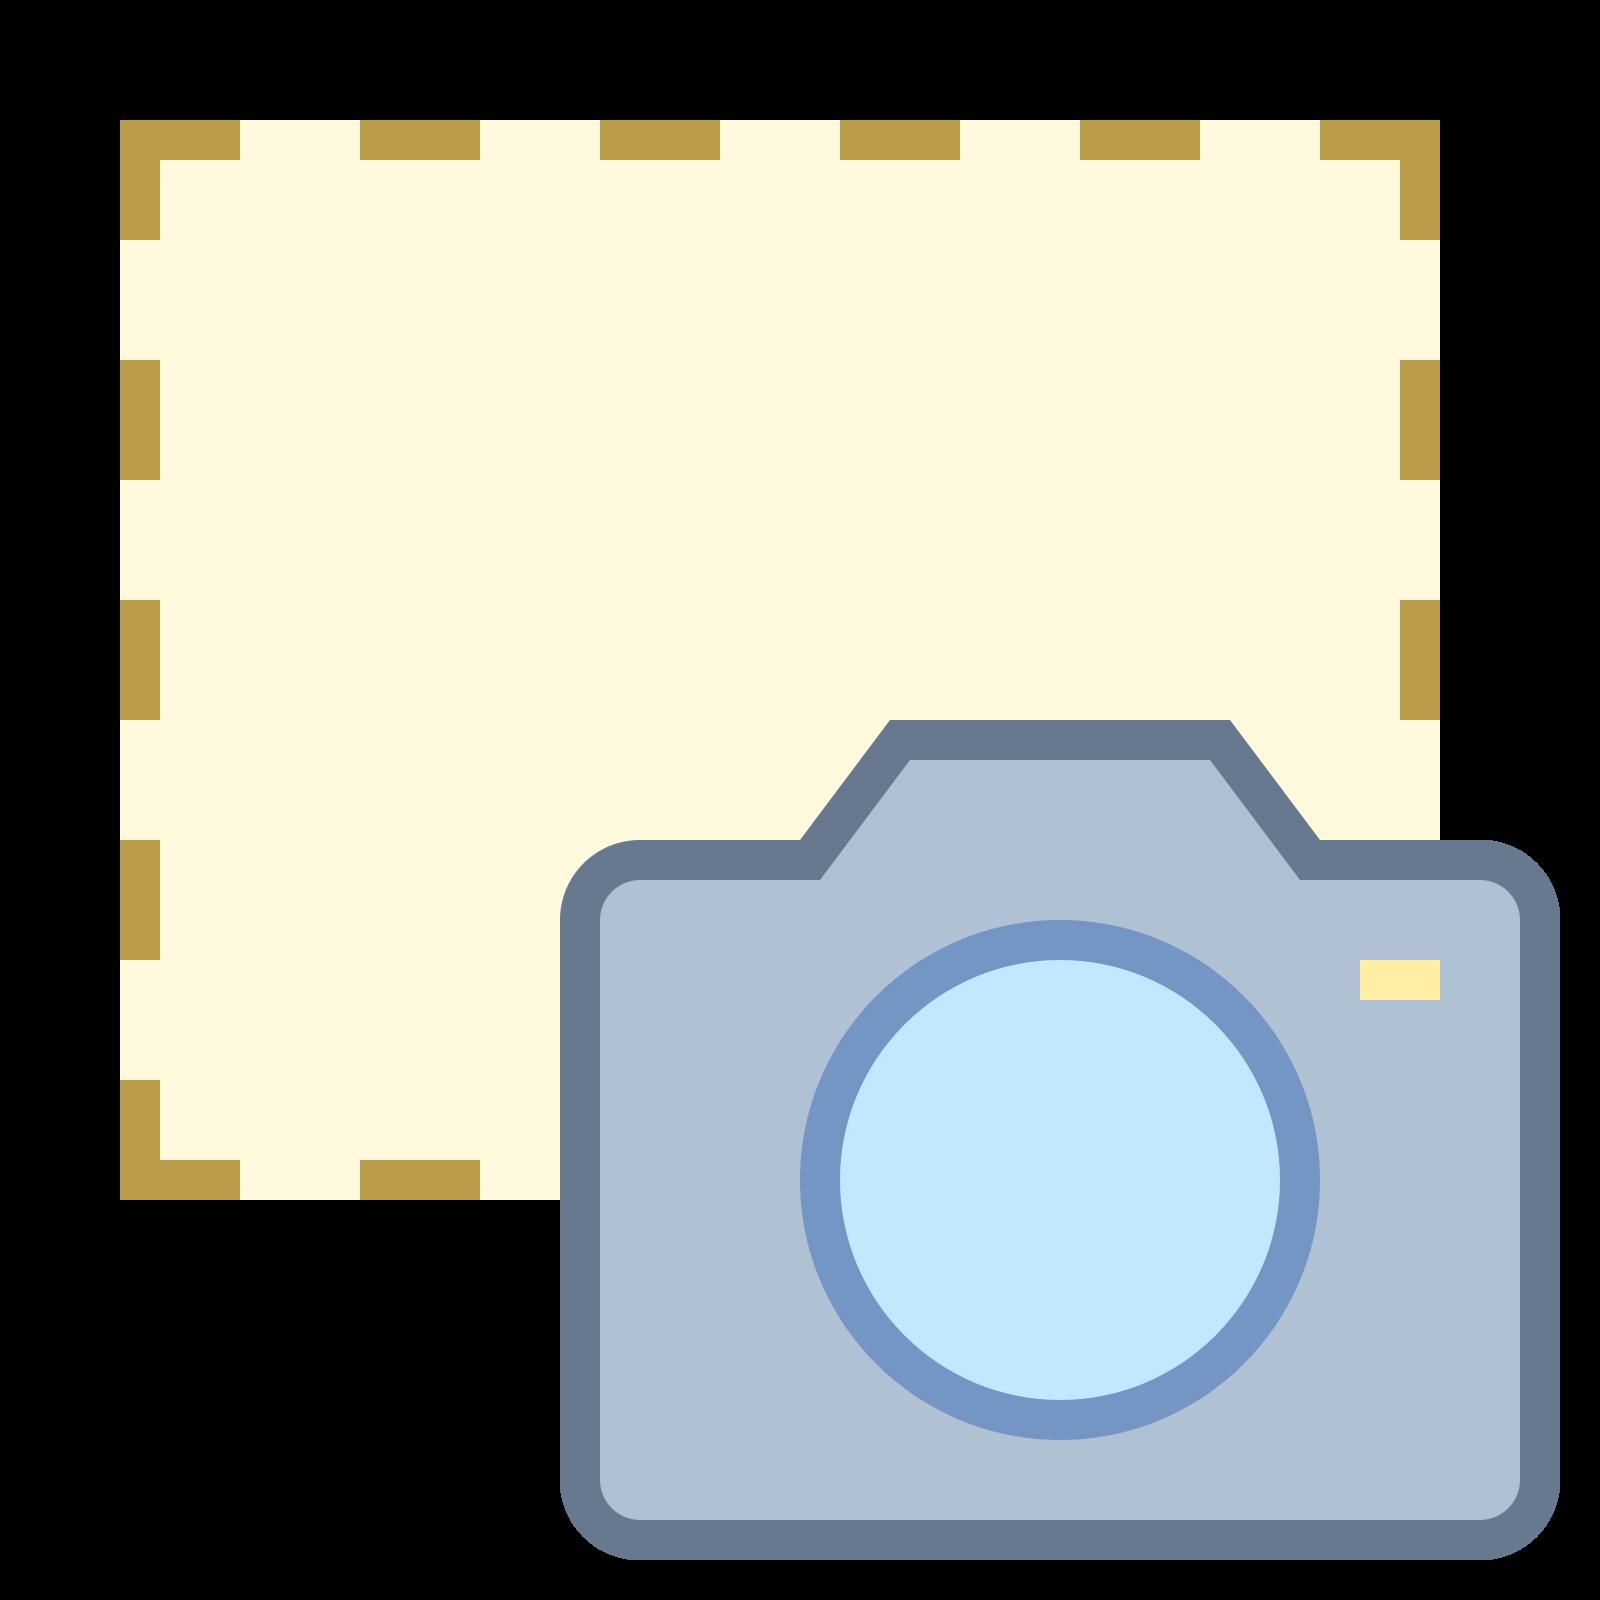 スクリーンショット icon